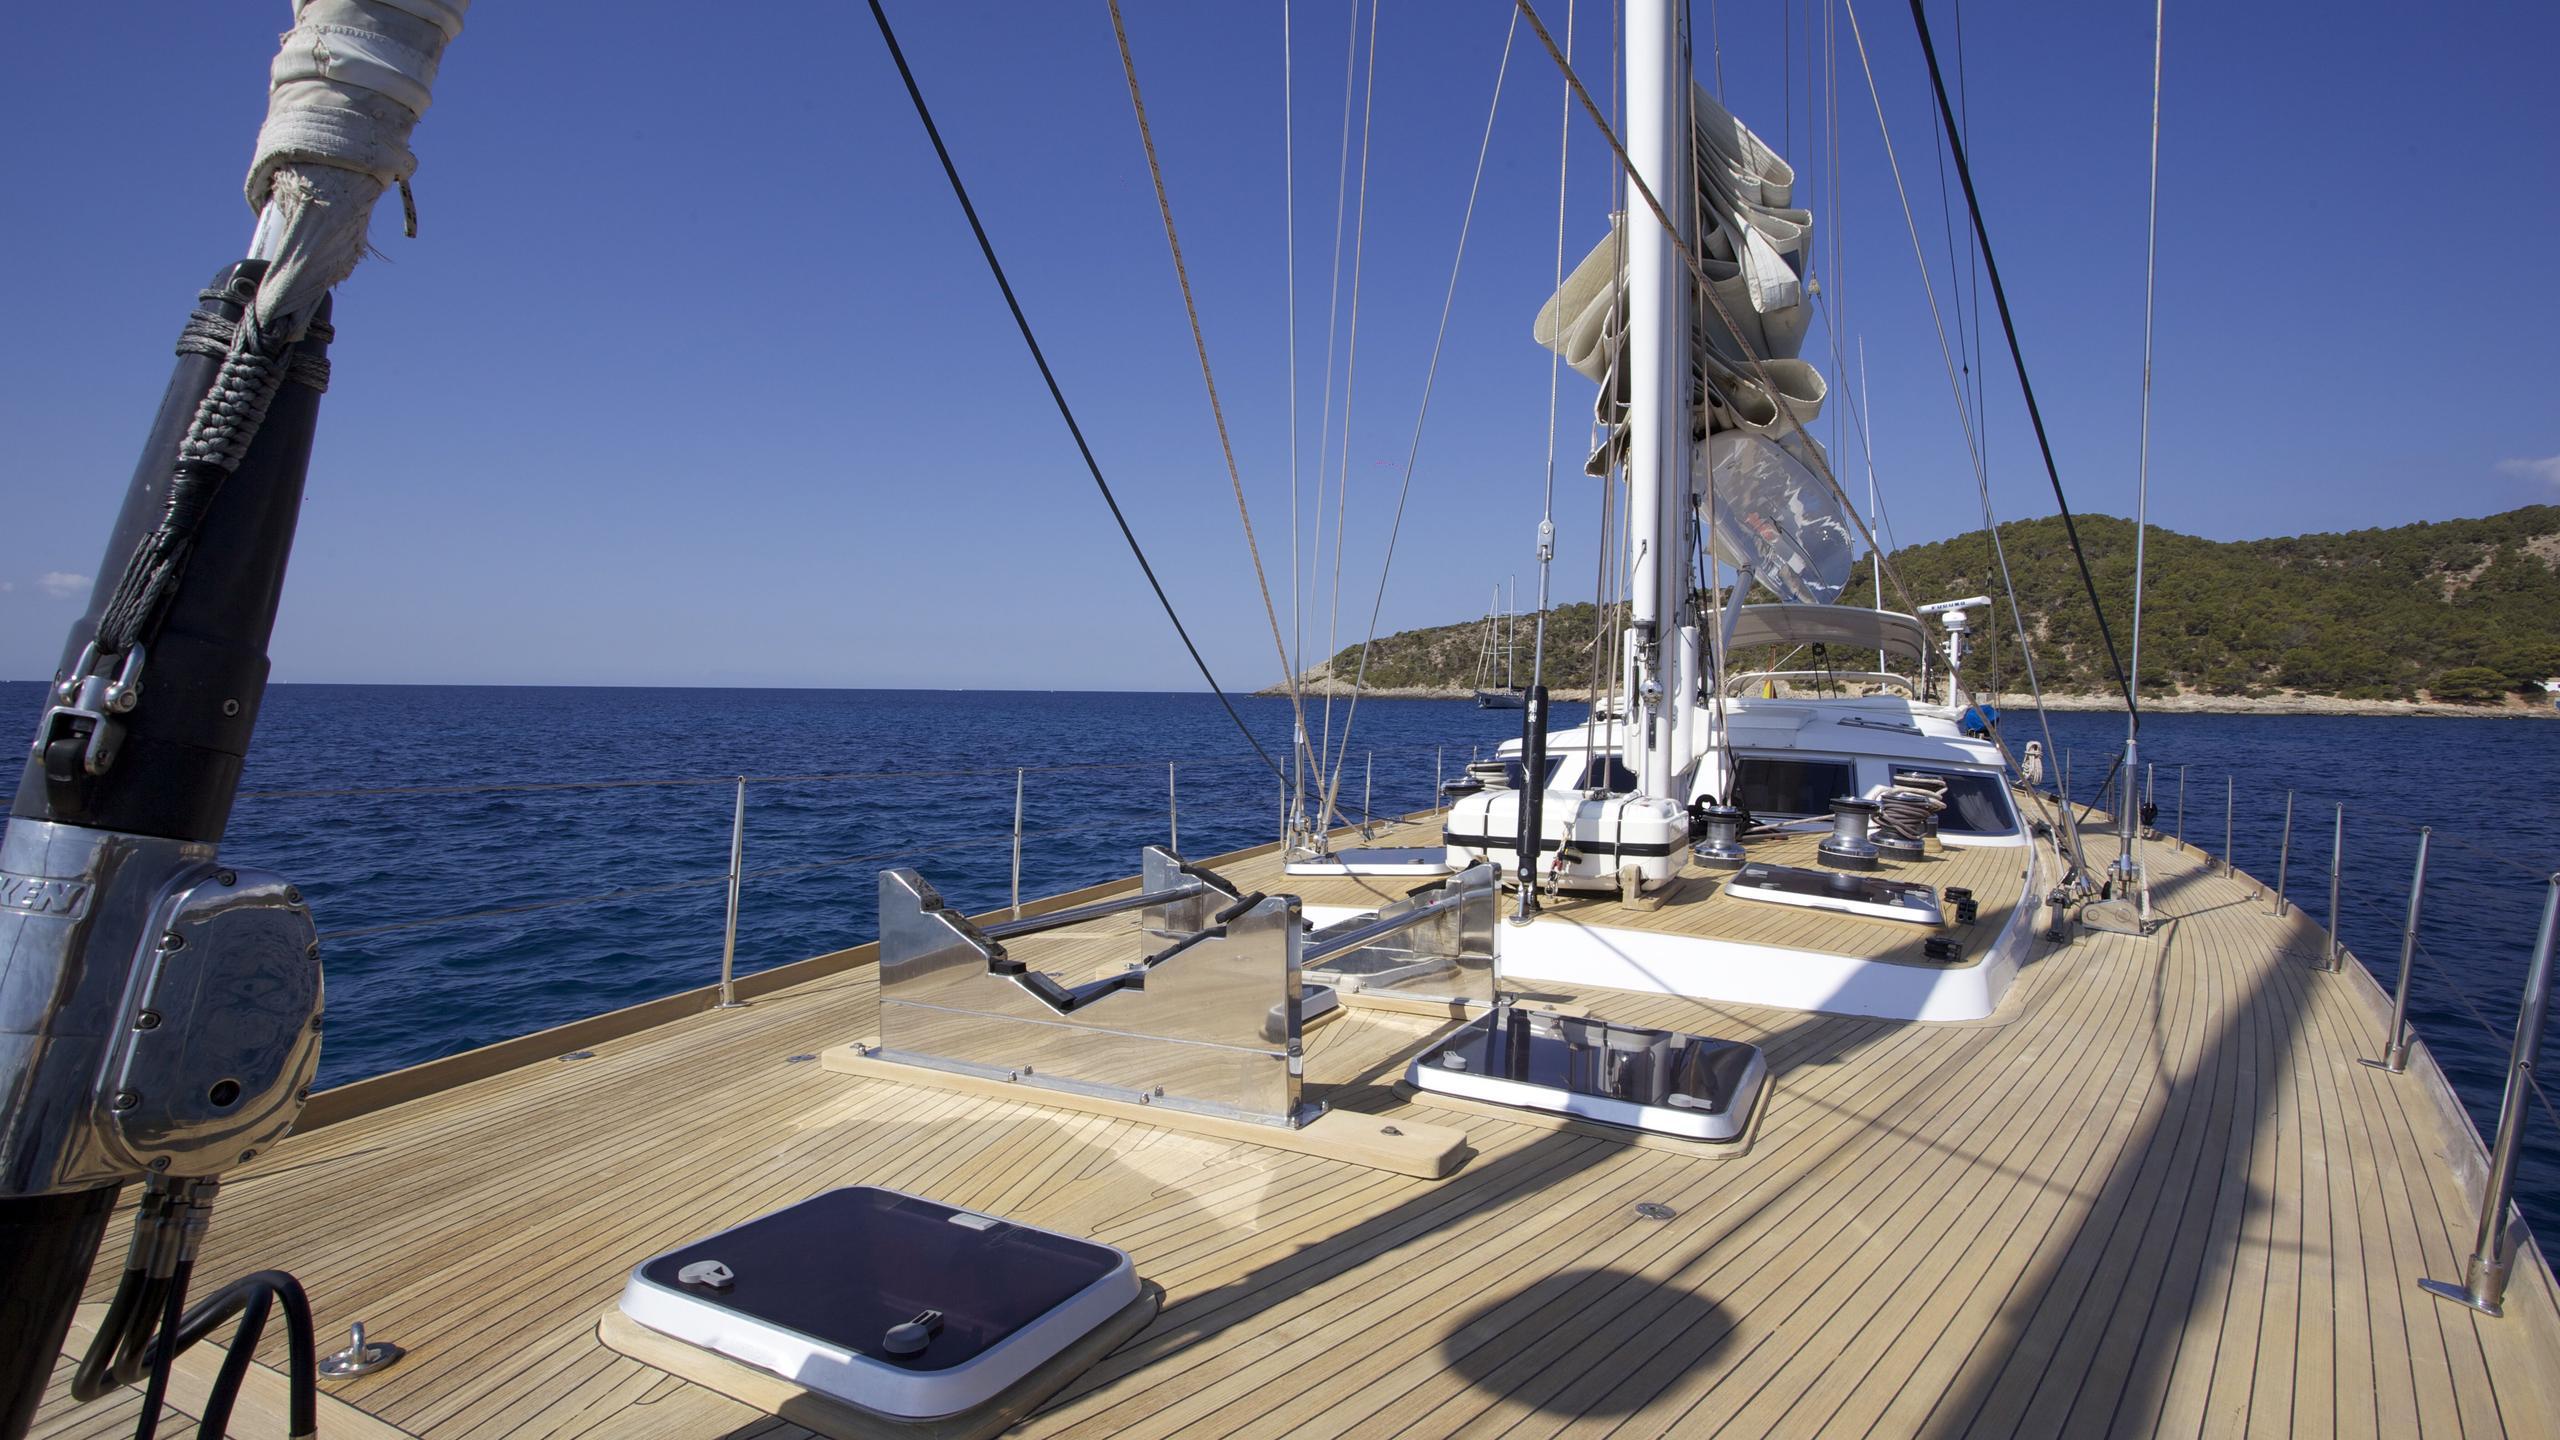 el-baile-yacht-main-deck